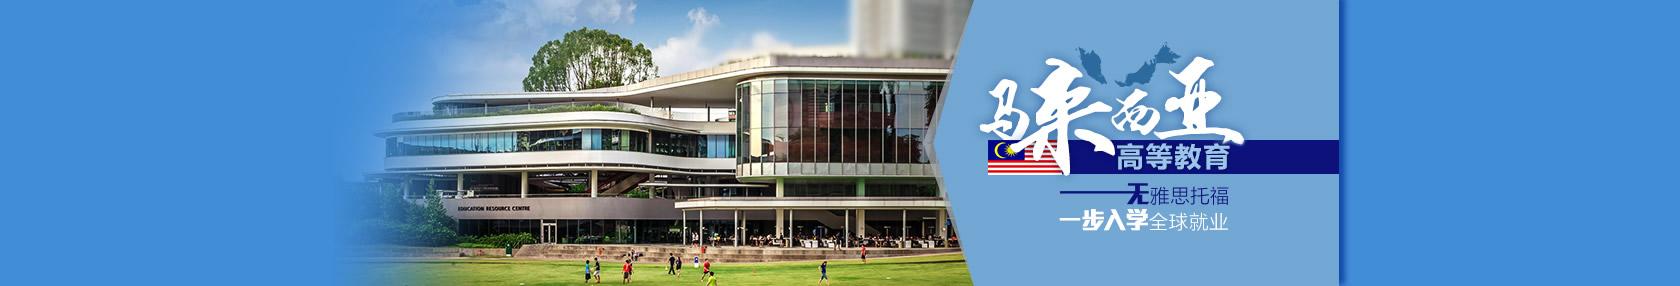 【环球出国】马来西亚高等教育项目:亲民话学费,家门口学欧美课程